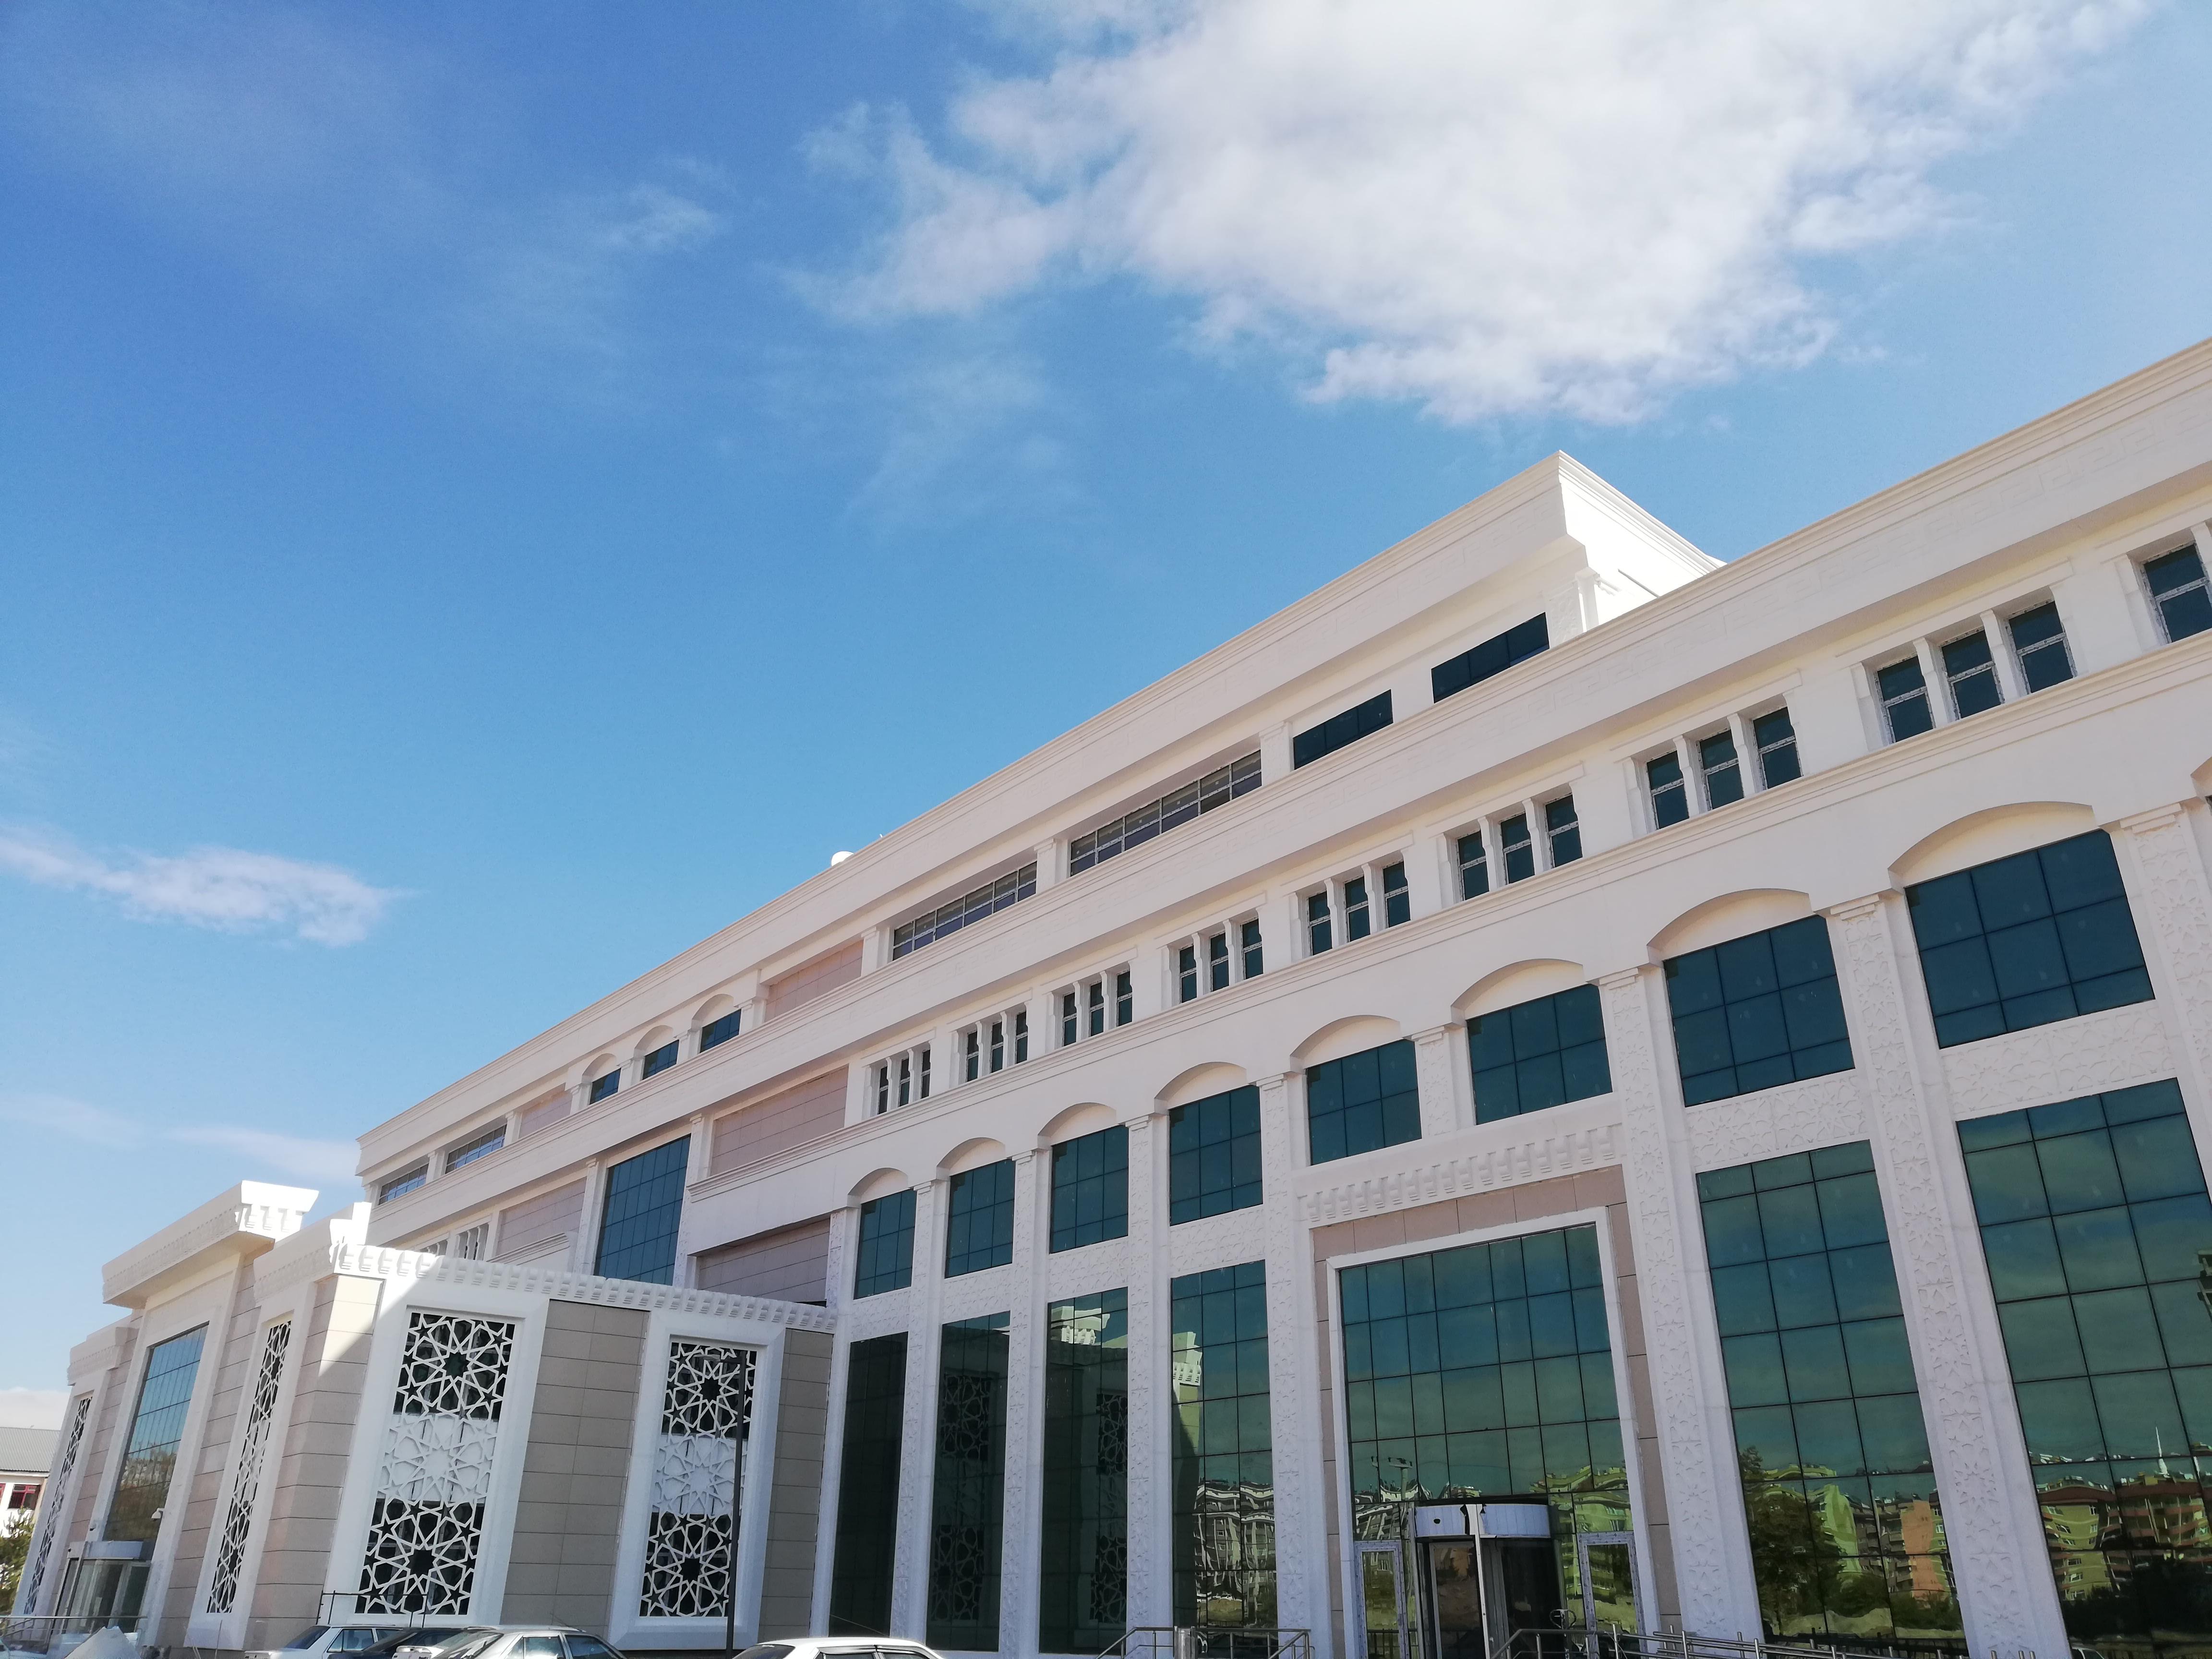 ARSEAŞ İNŞAAT-ELBİSTAN (Adliye Binası İnşaatı)